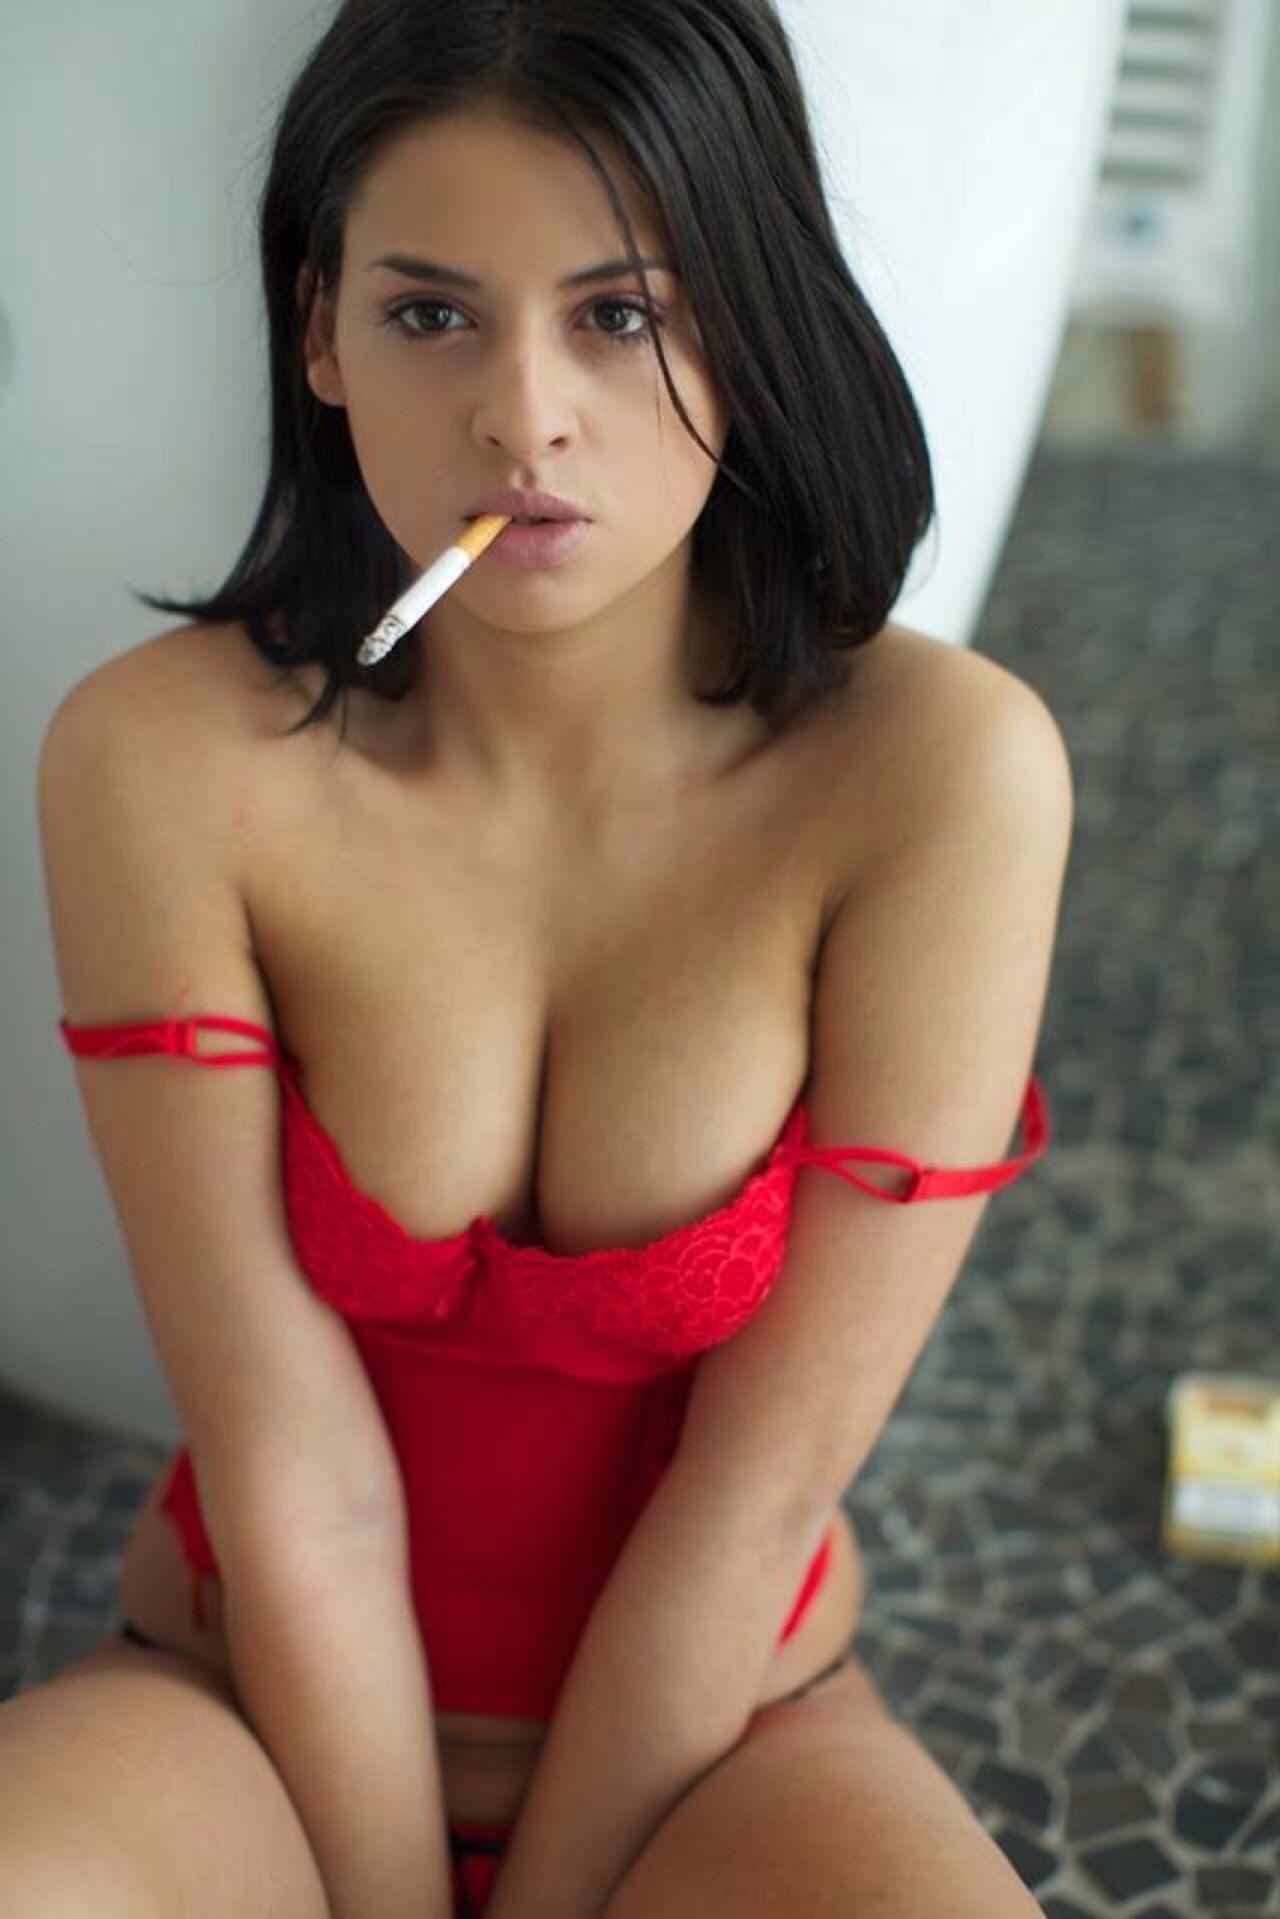 Miss that wie man sexy und schwanger ist person has good looking